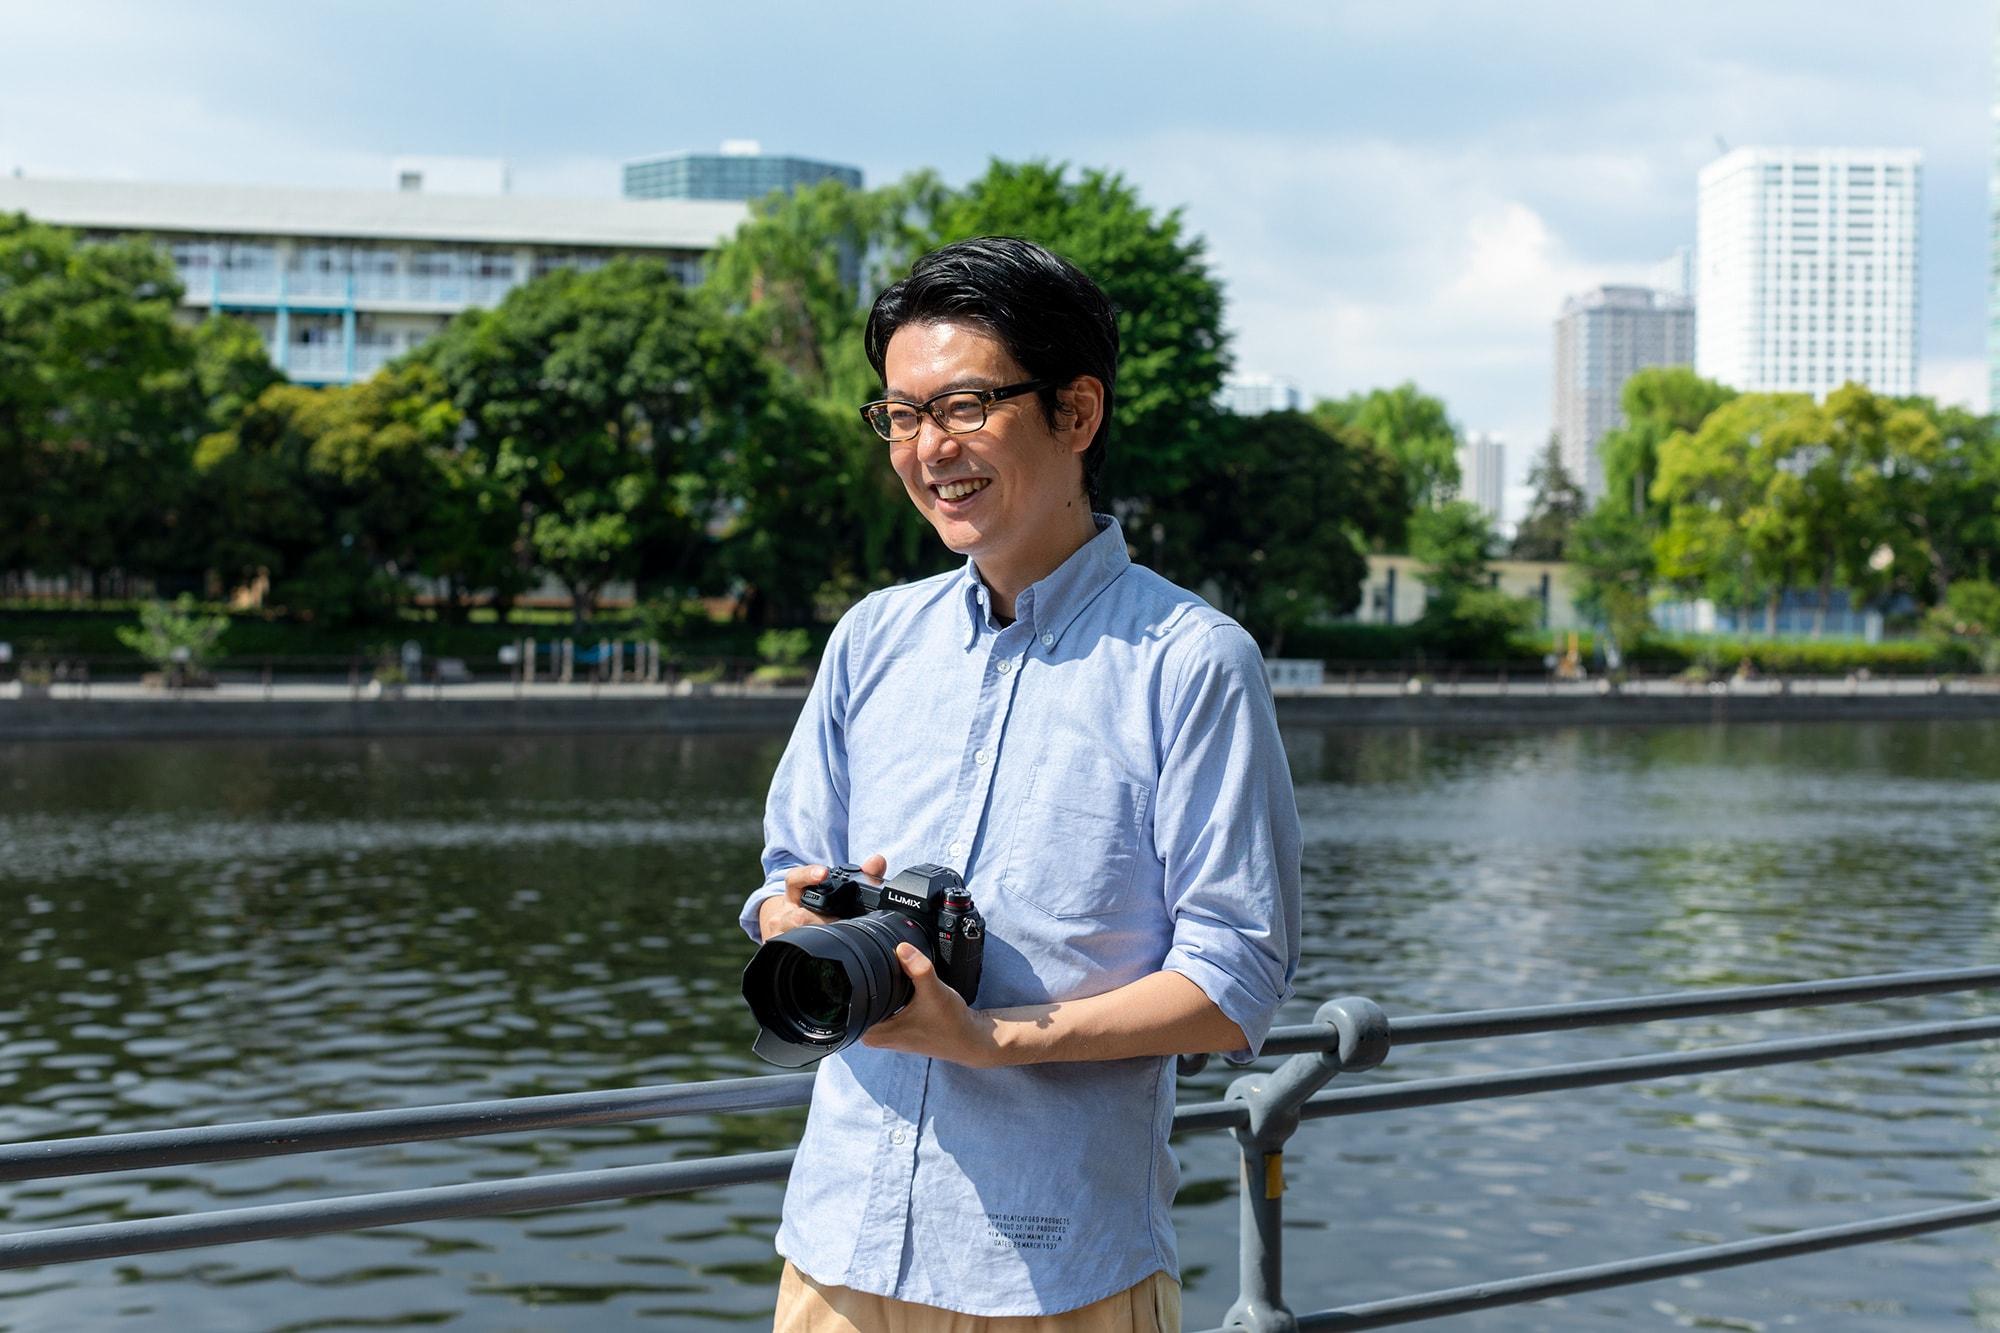 高橋宗正インタヴュー「アナログの大判と超最新ミラーレス。カメラの歴史を行き来する理由。」 | 高橋宗正